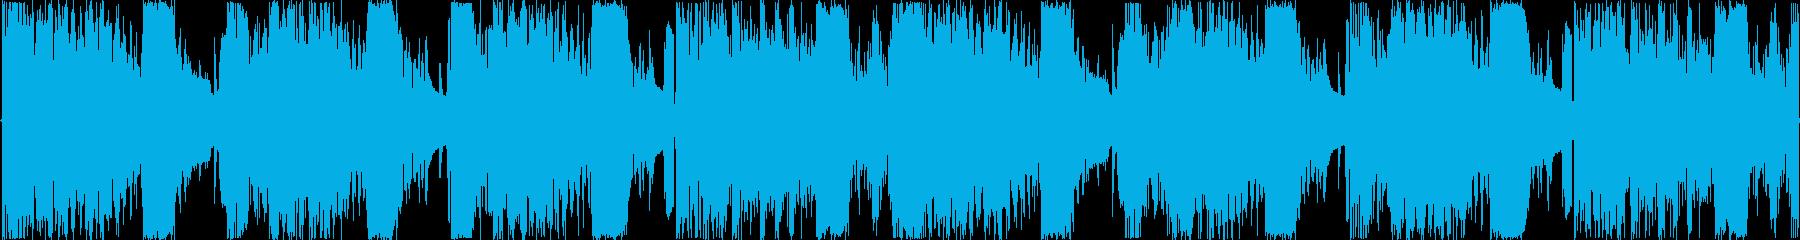 エスニックドラムとシンセサウンドは...の再生済みの波形